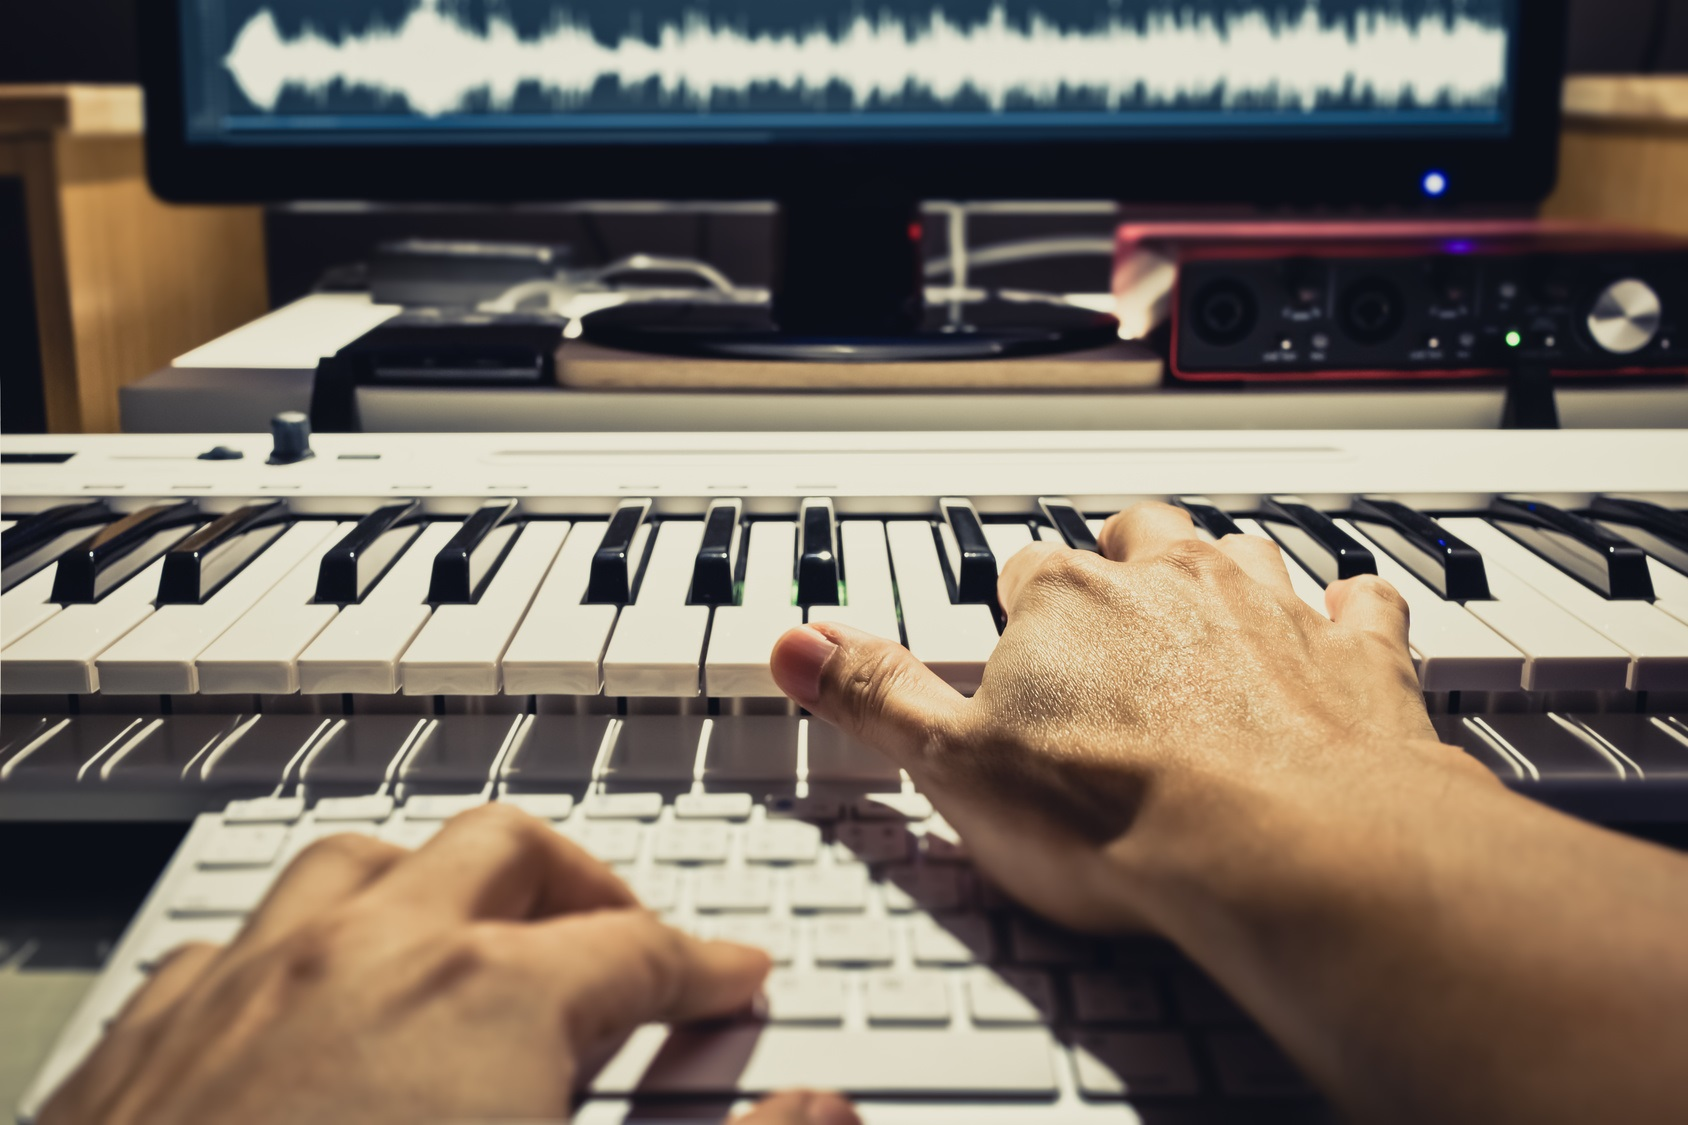 リズムマシンの狂気に踊らされる「ハウス・ミュージック」を知る6冊